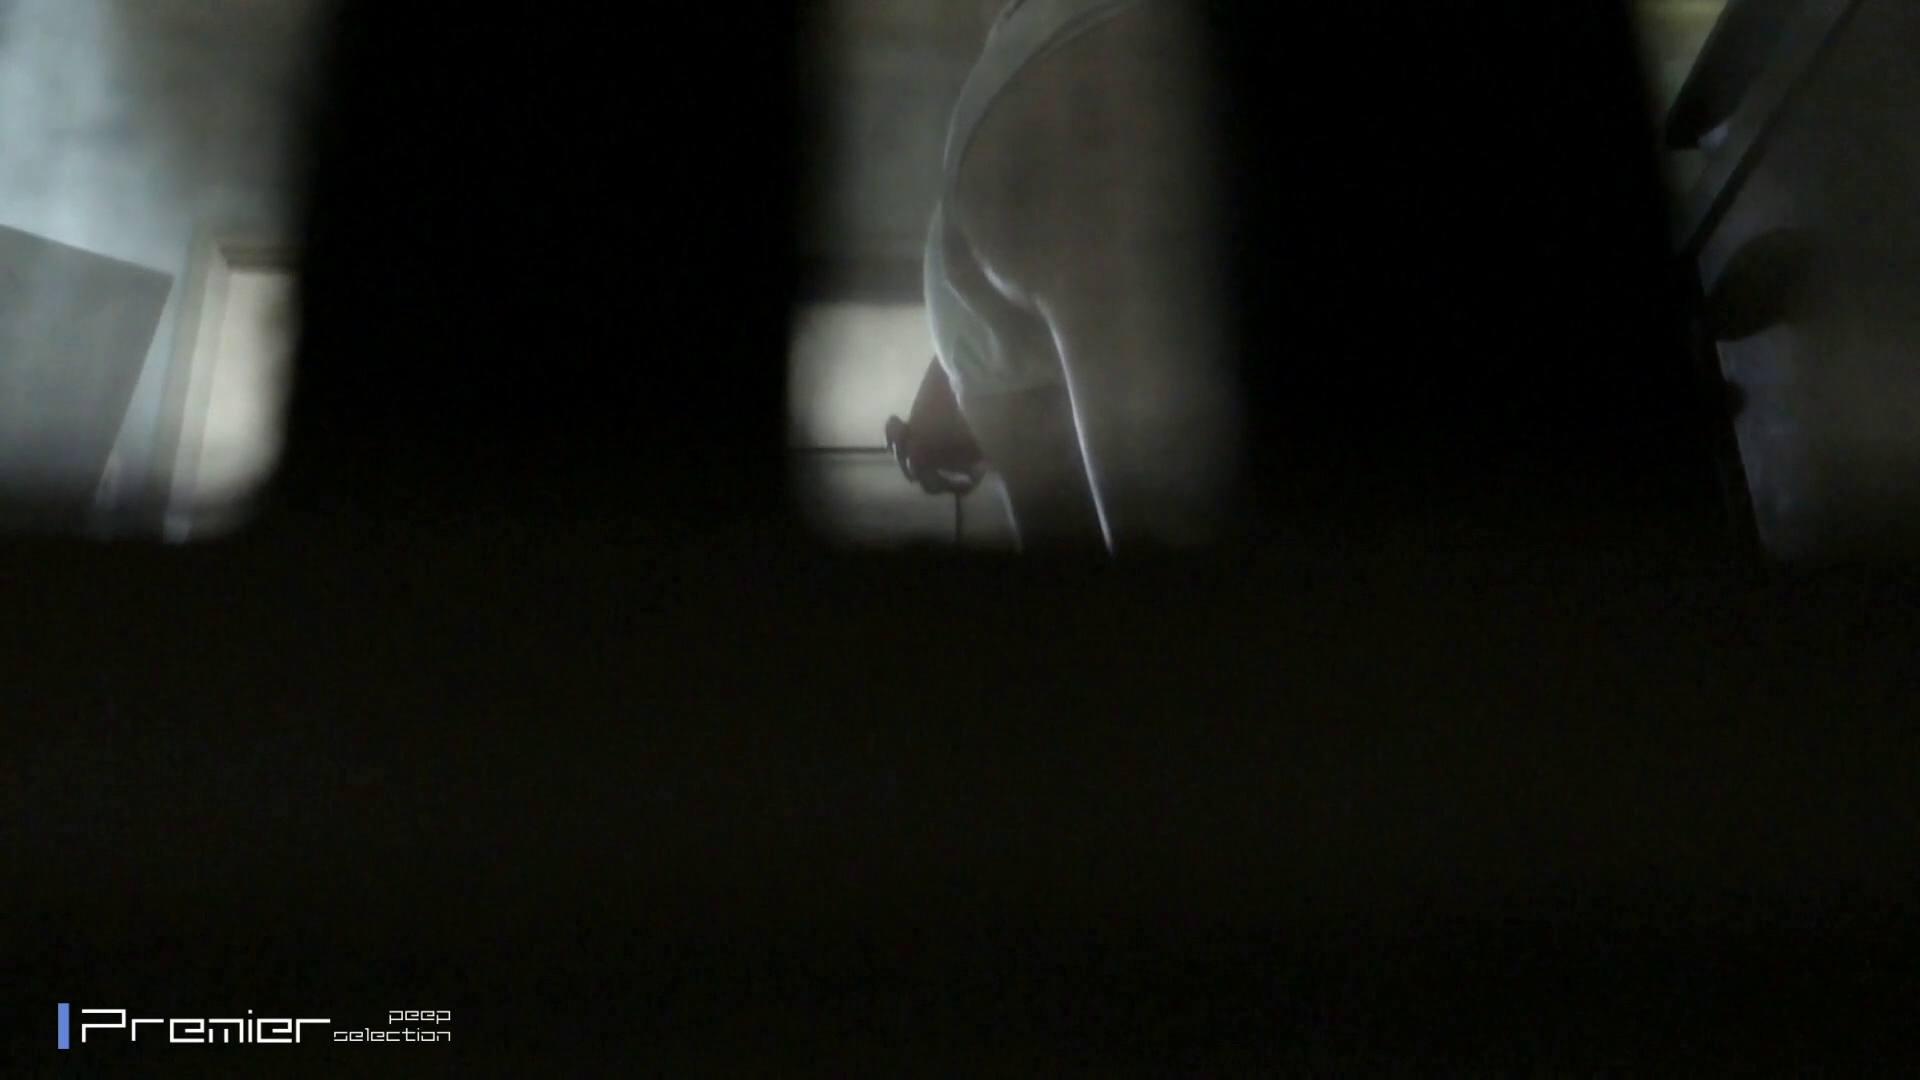 美人限定★女子大生の私生活★詰合せ 美女達の私生活に潜入! 高画質動画 おめこ無修正動画無料 106画像 104